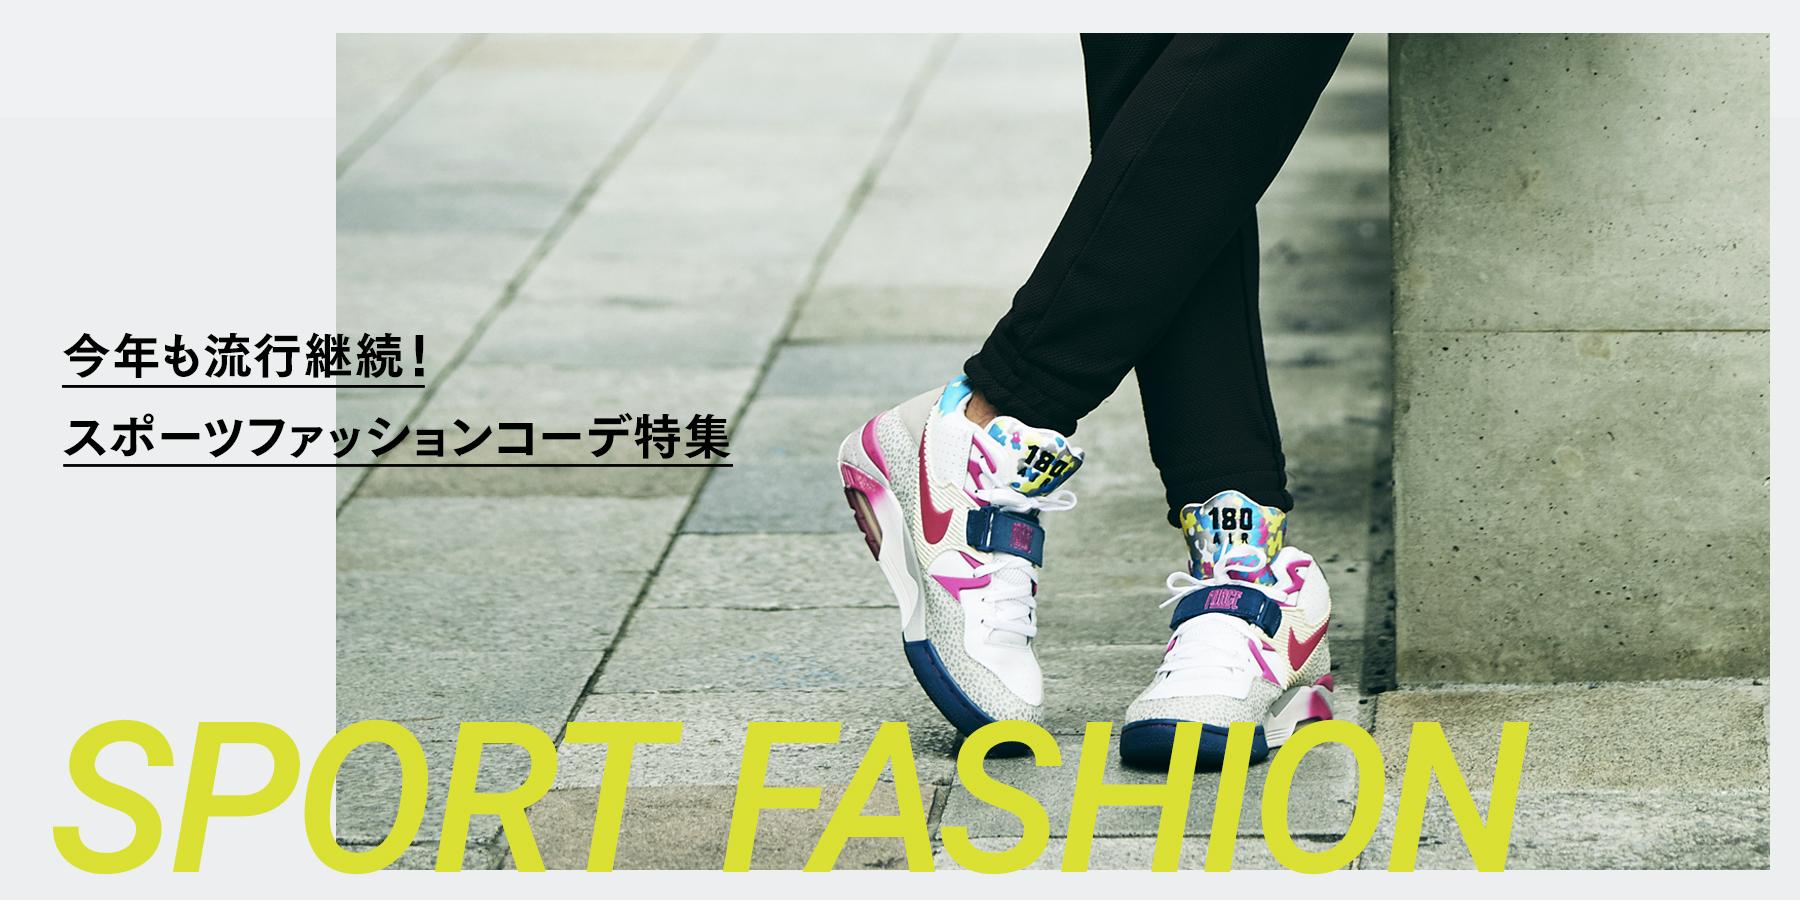 メンズ必見!今年も流行継続のスポーツファッションコーデ特集